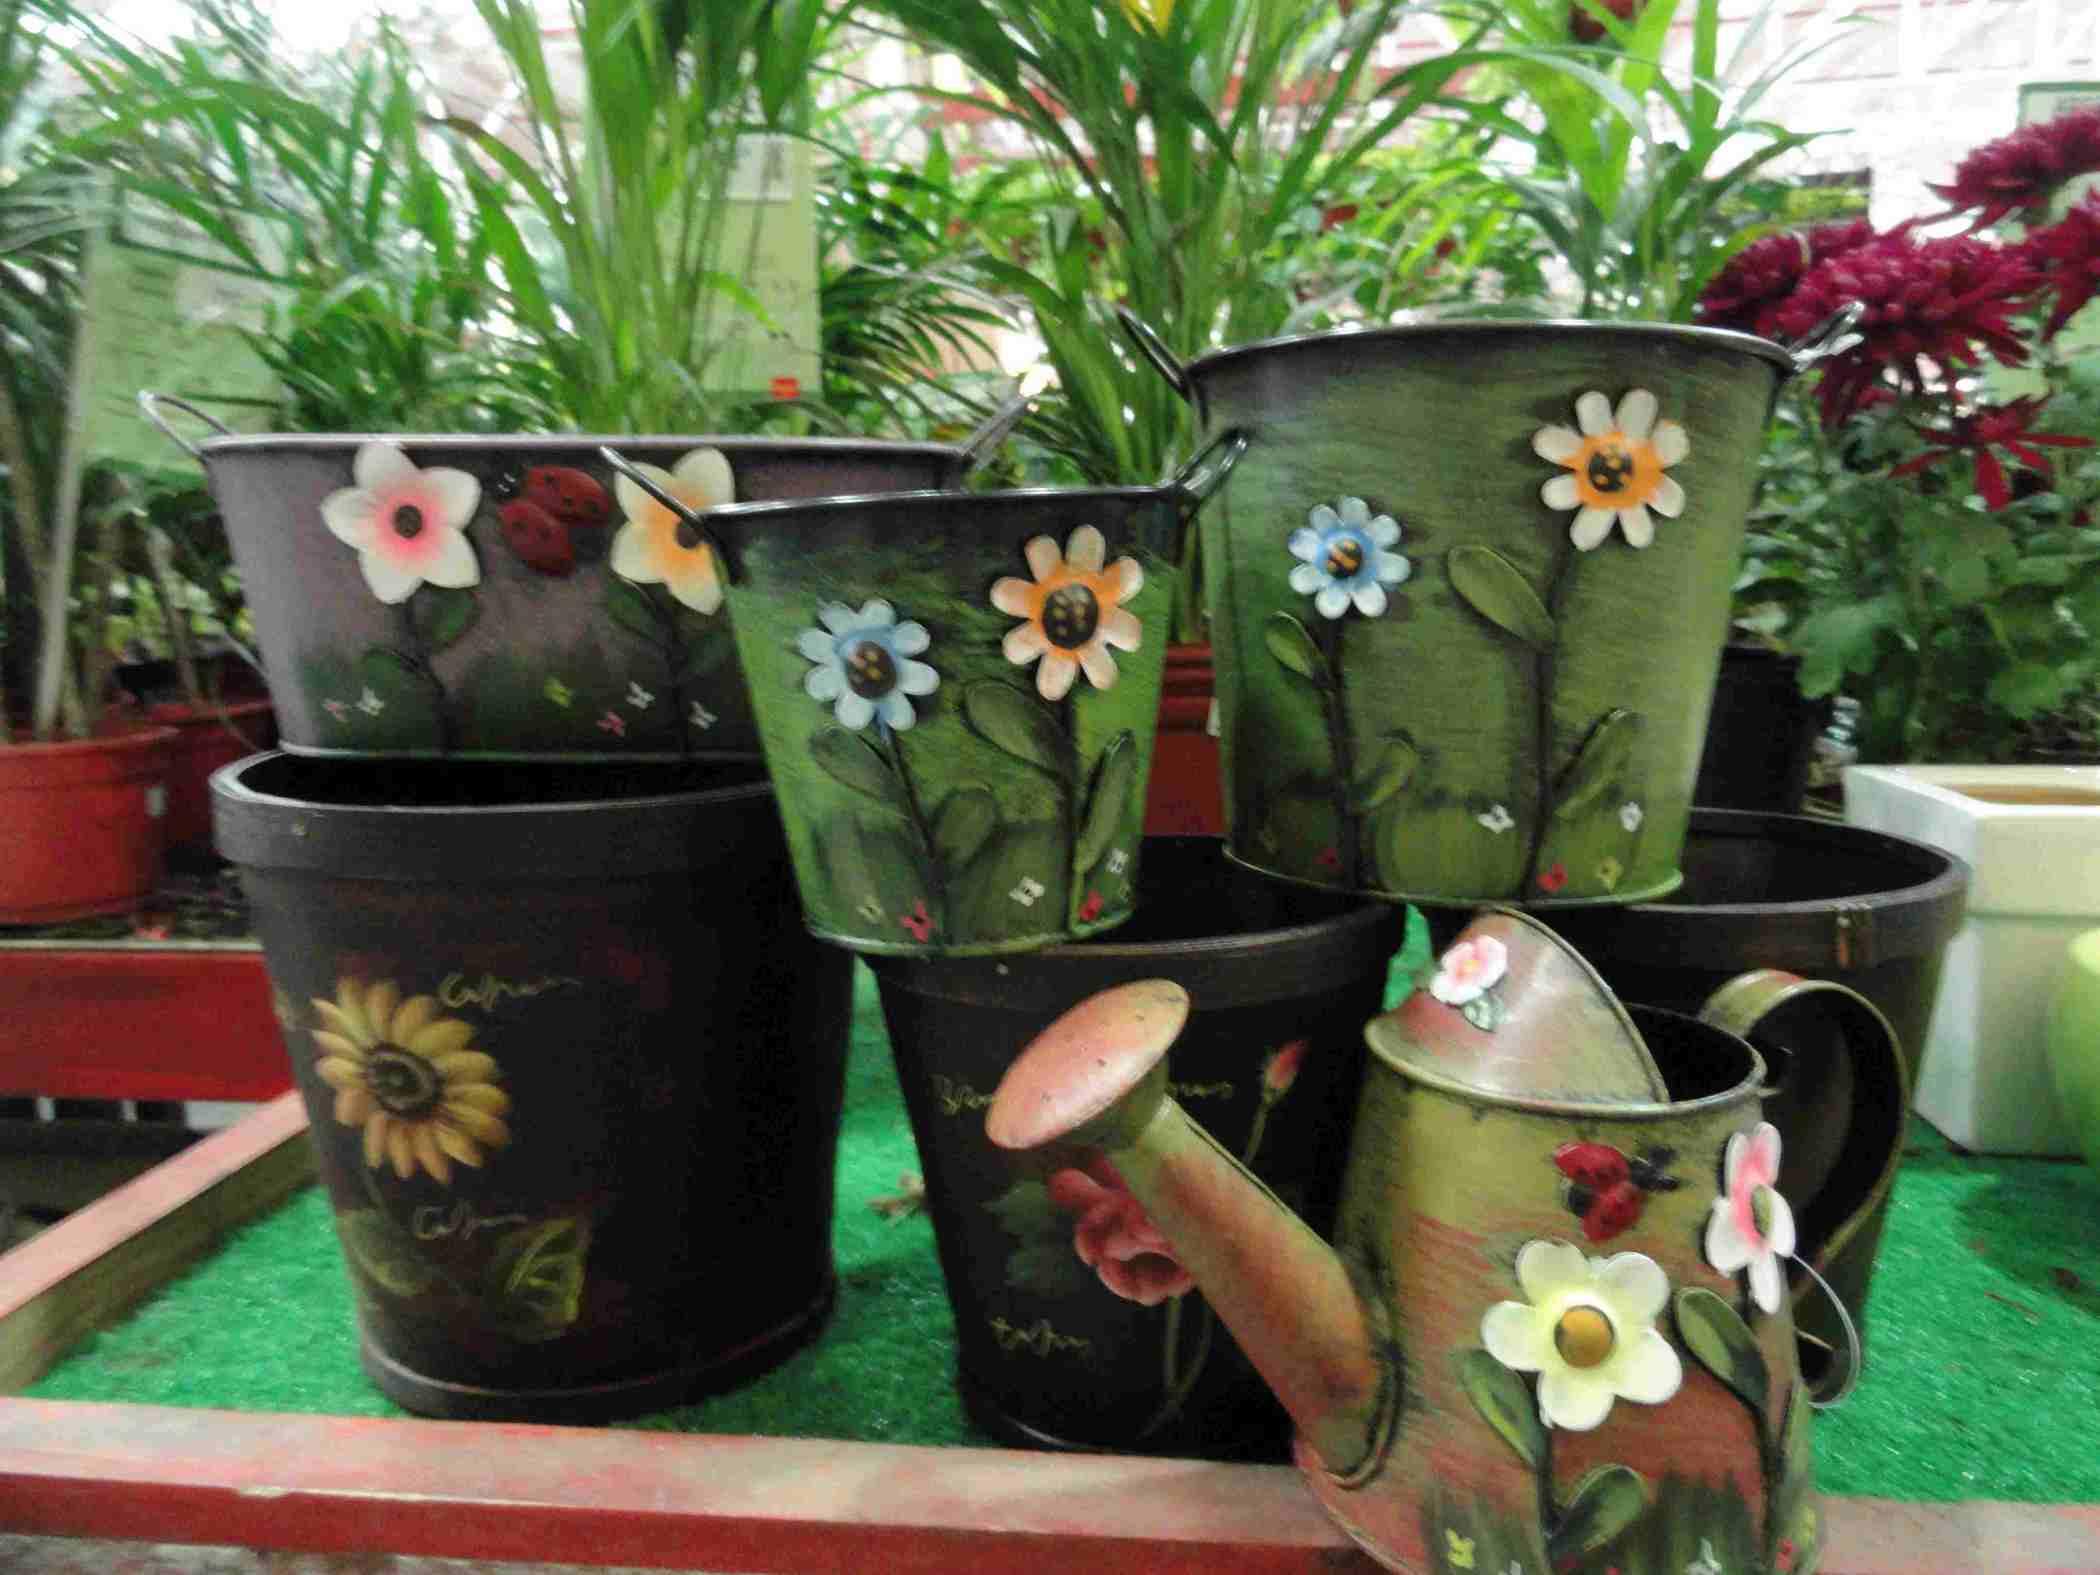 Macetas artesanales de lata el jardin en casa for Jardines en lata